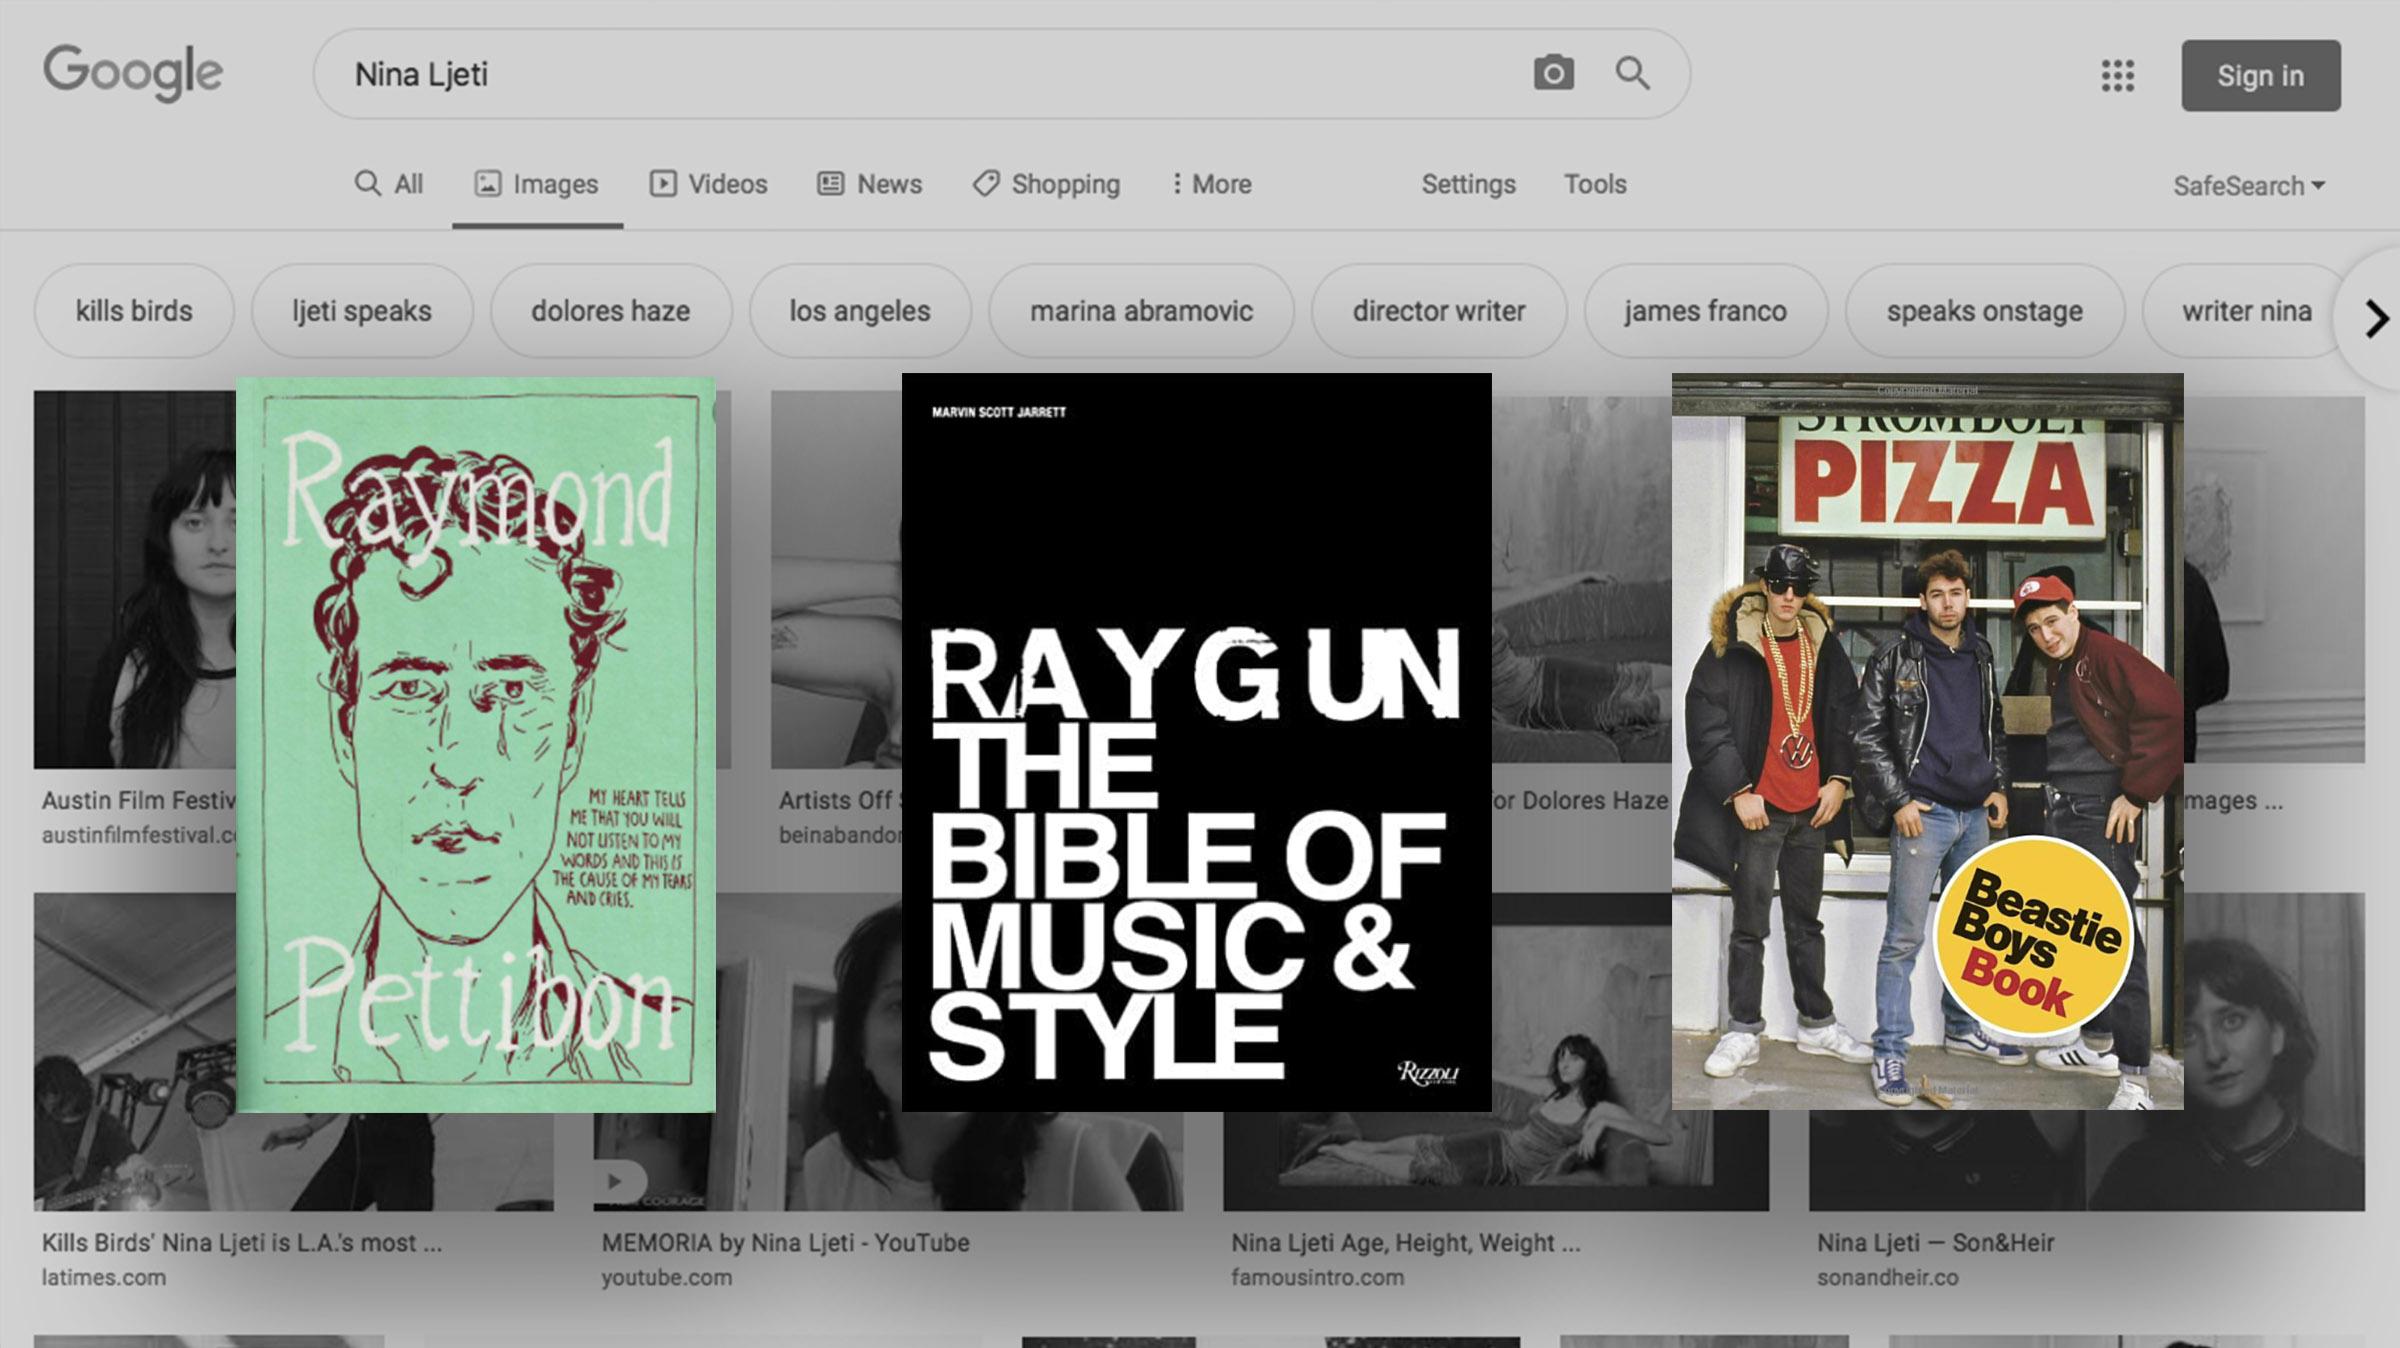 From Raymond Pettibon to 'Ray Gun': Nina Ljeti's syllabus for punks-in-training